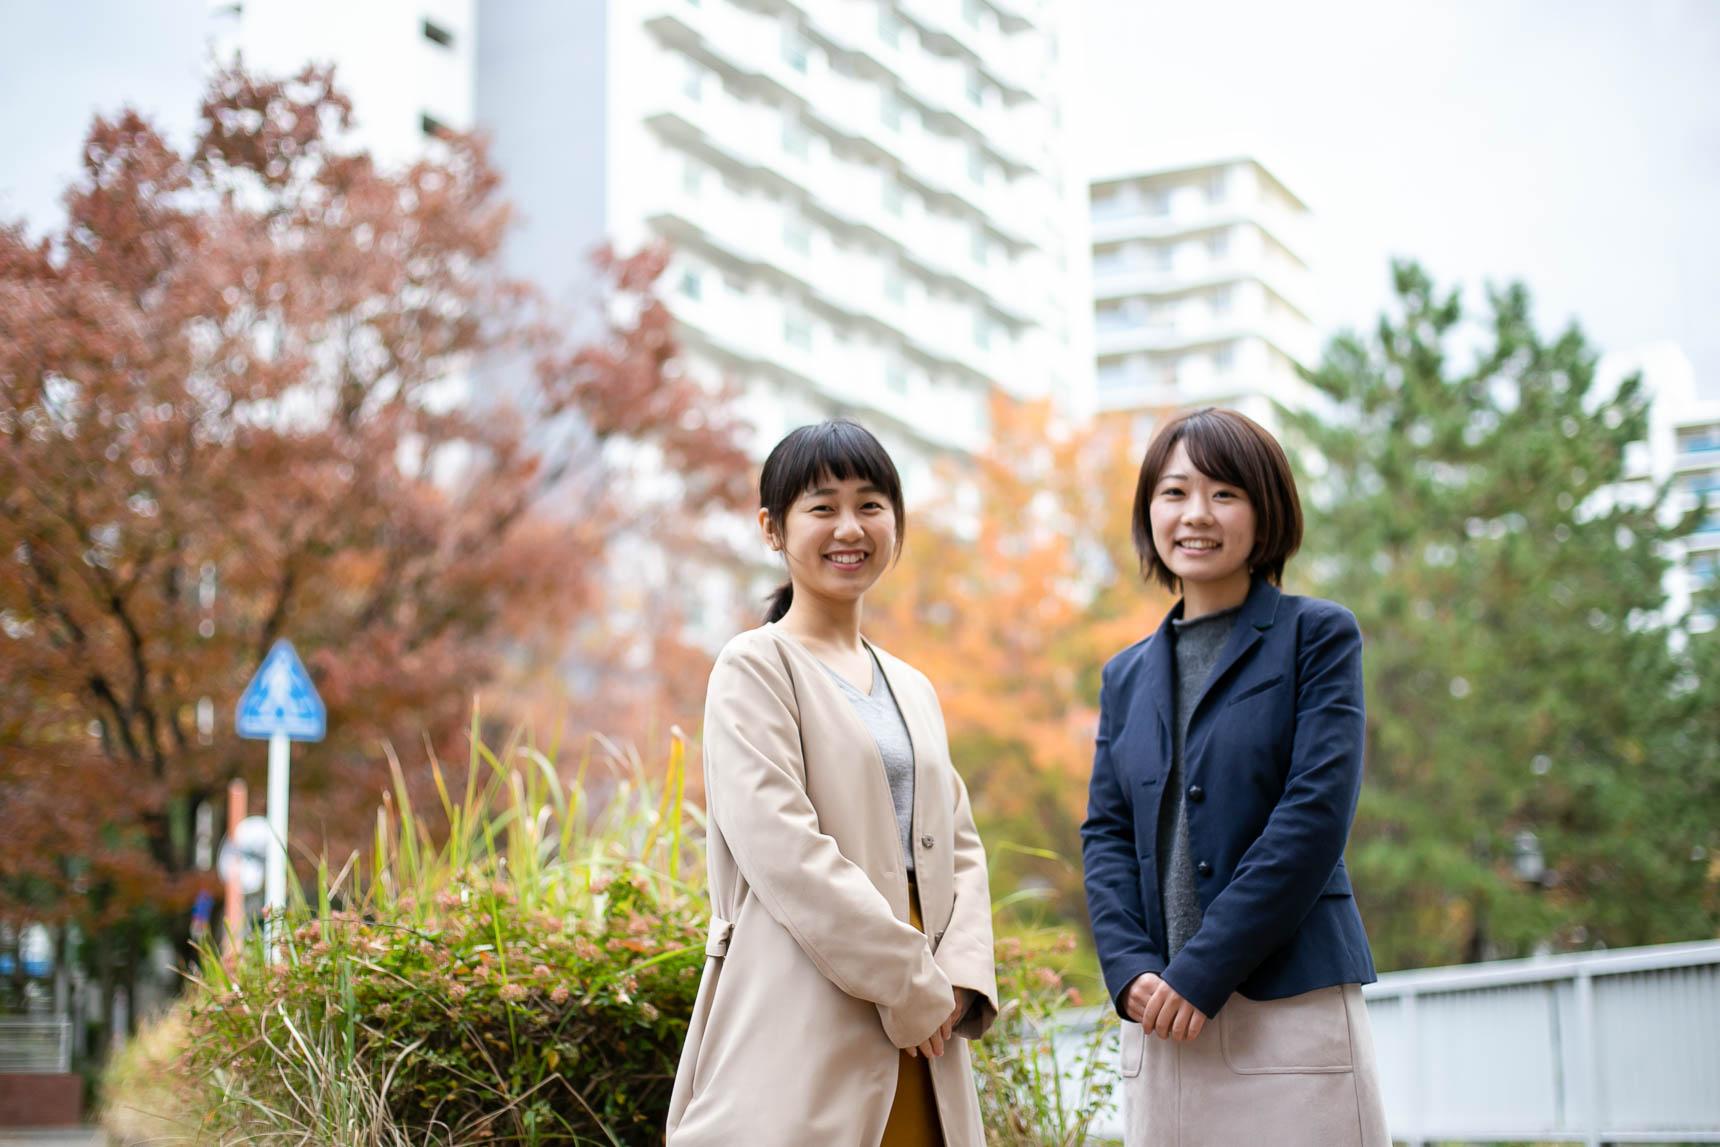 団地をご案内してくださったのは、UR都市機構の荒木さん(写真右)と大澤さん(写真左)